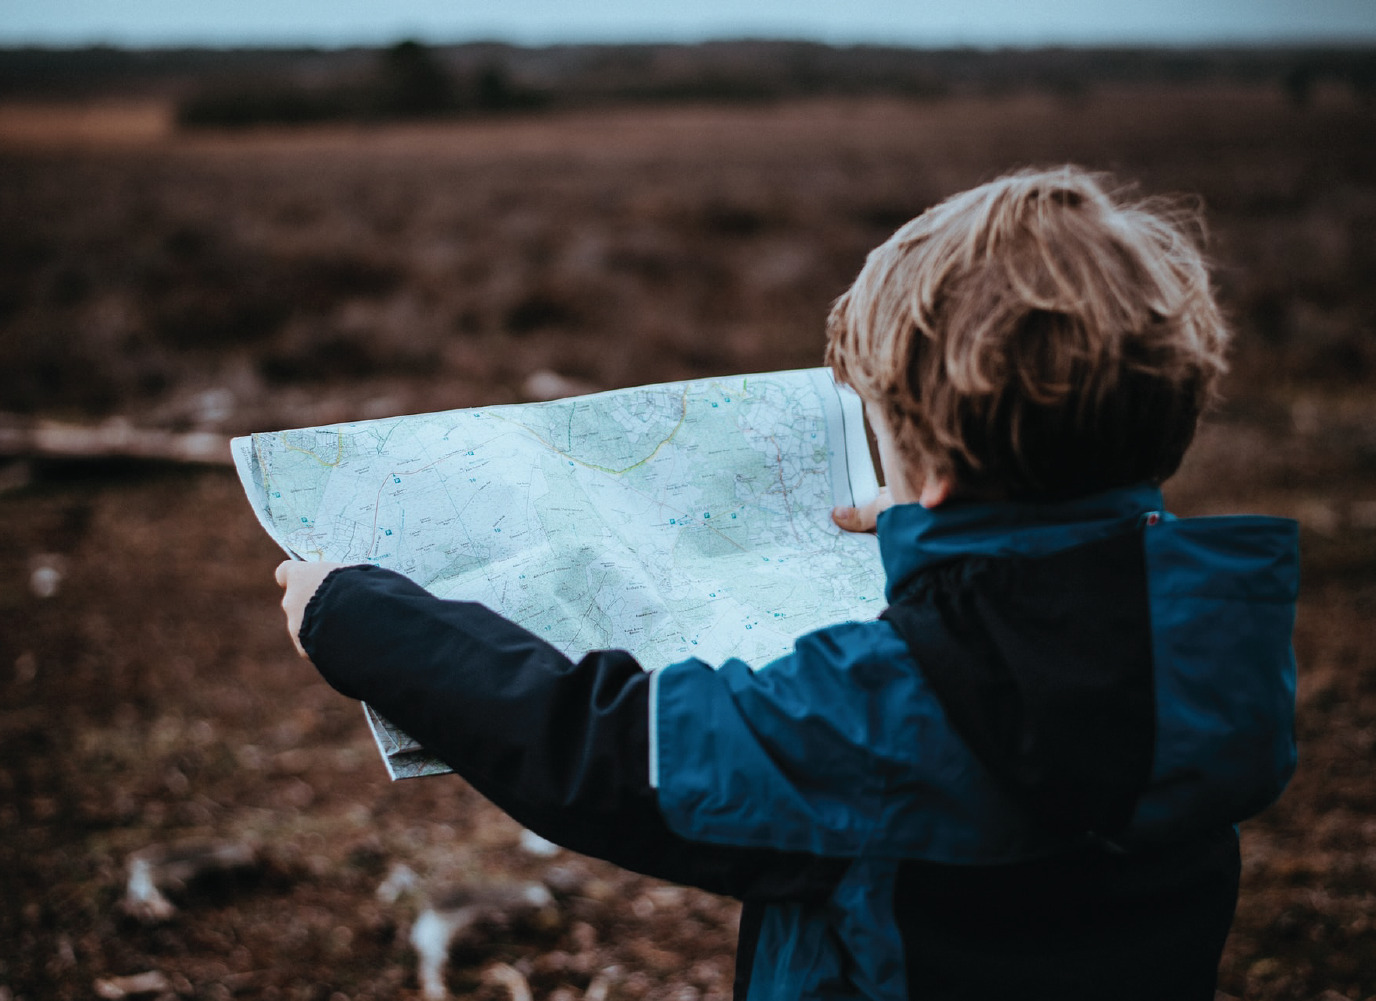 Nằm lòng 6 kỹ năng cơ bản giúp bé tự bảo vệ bản thân